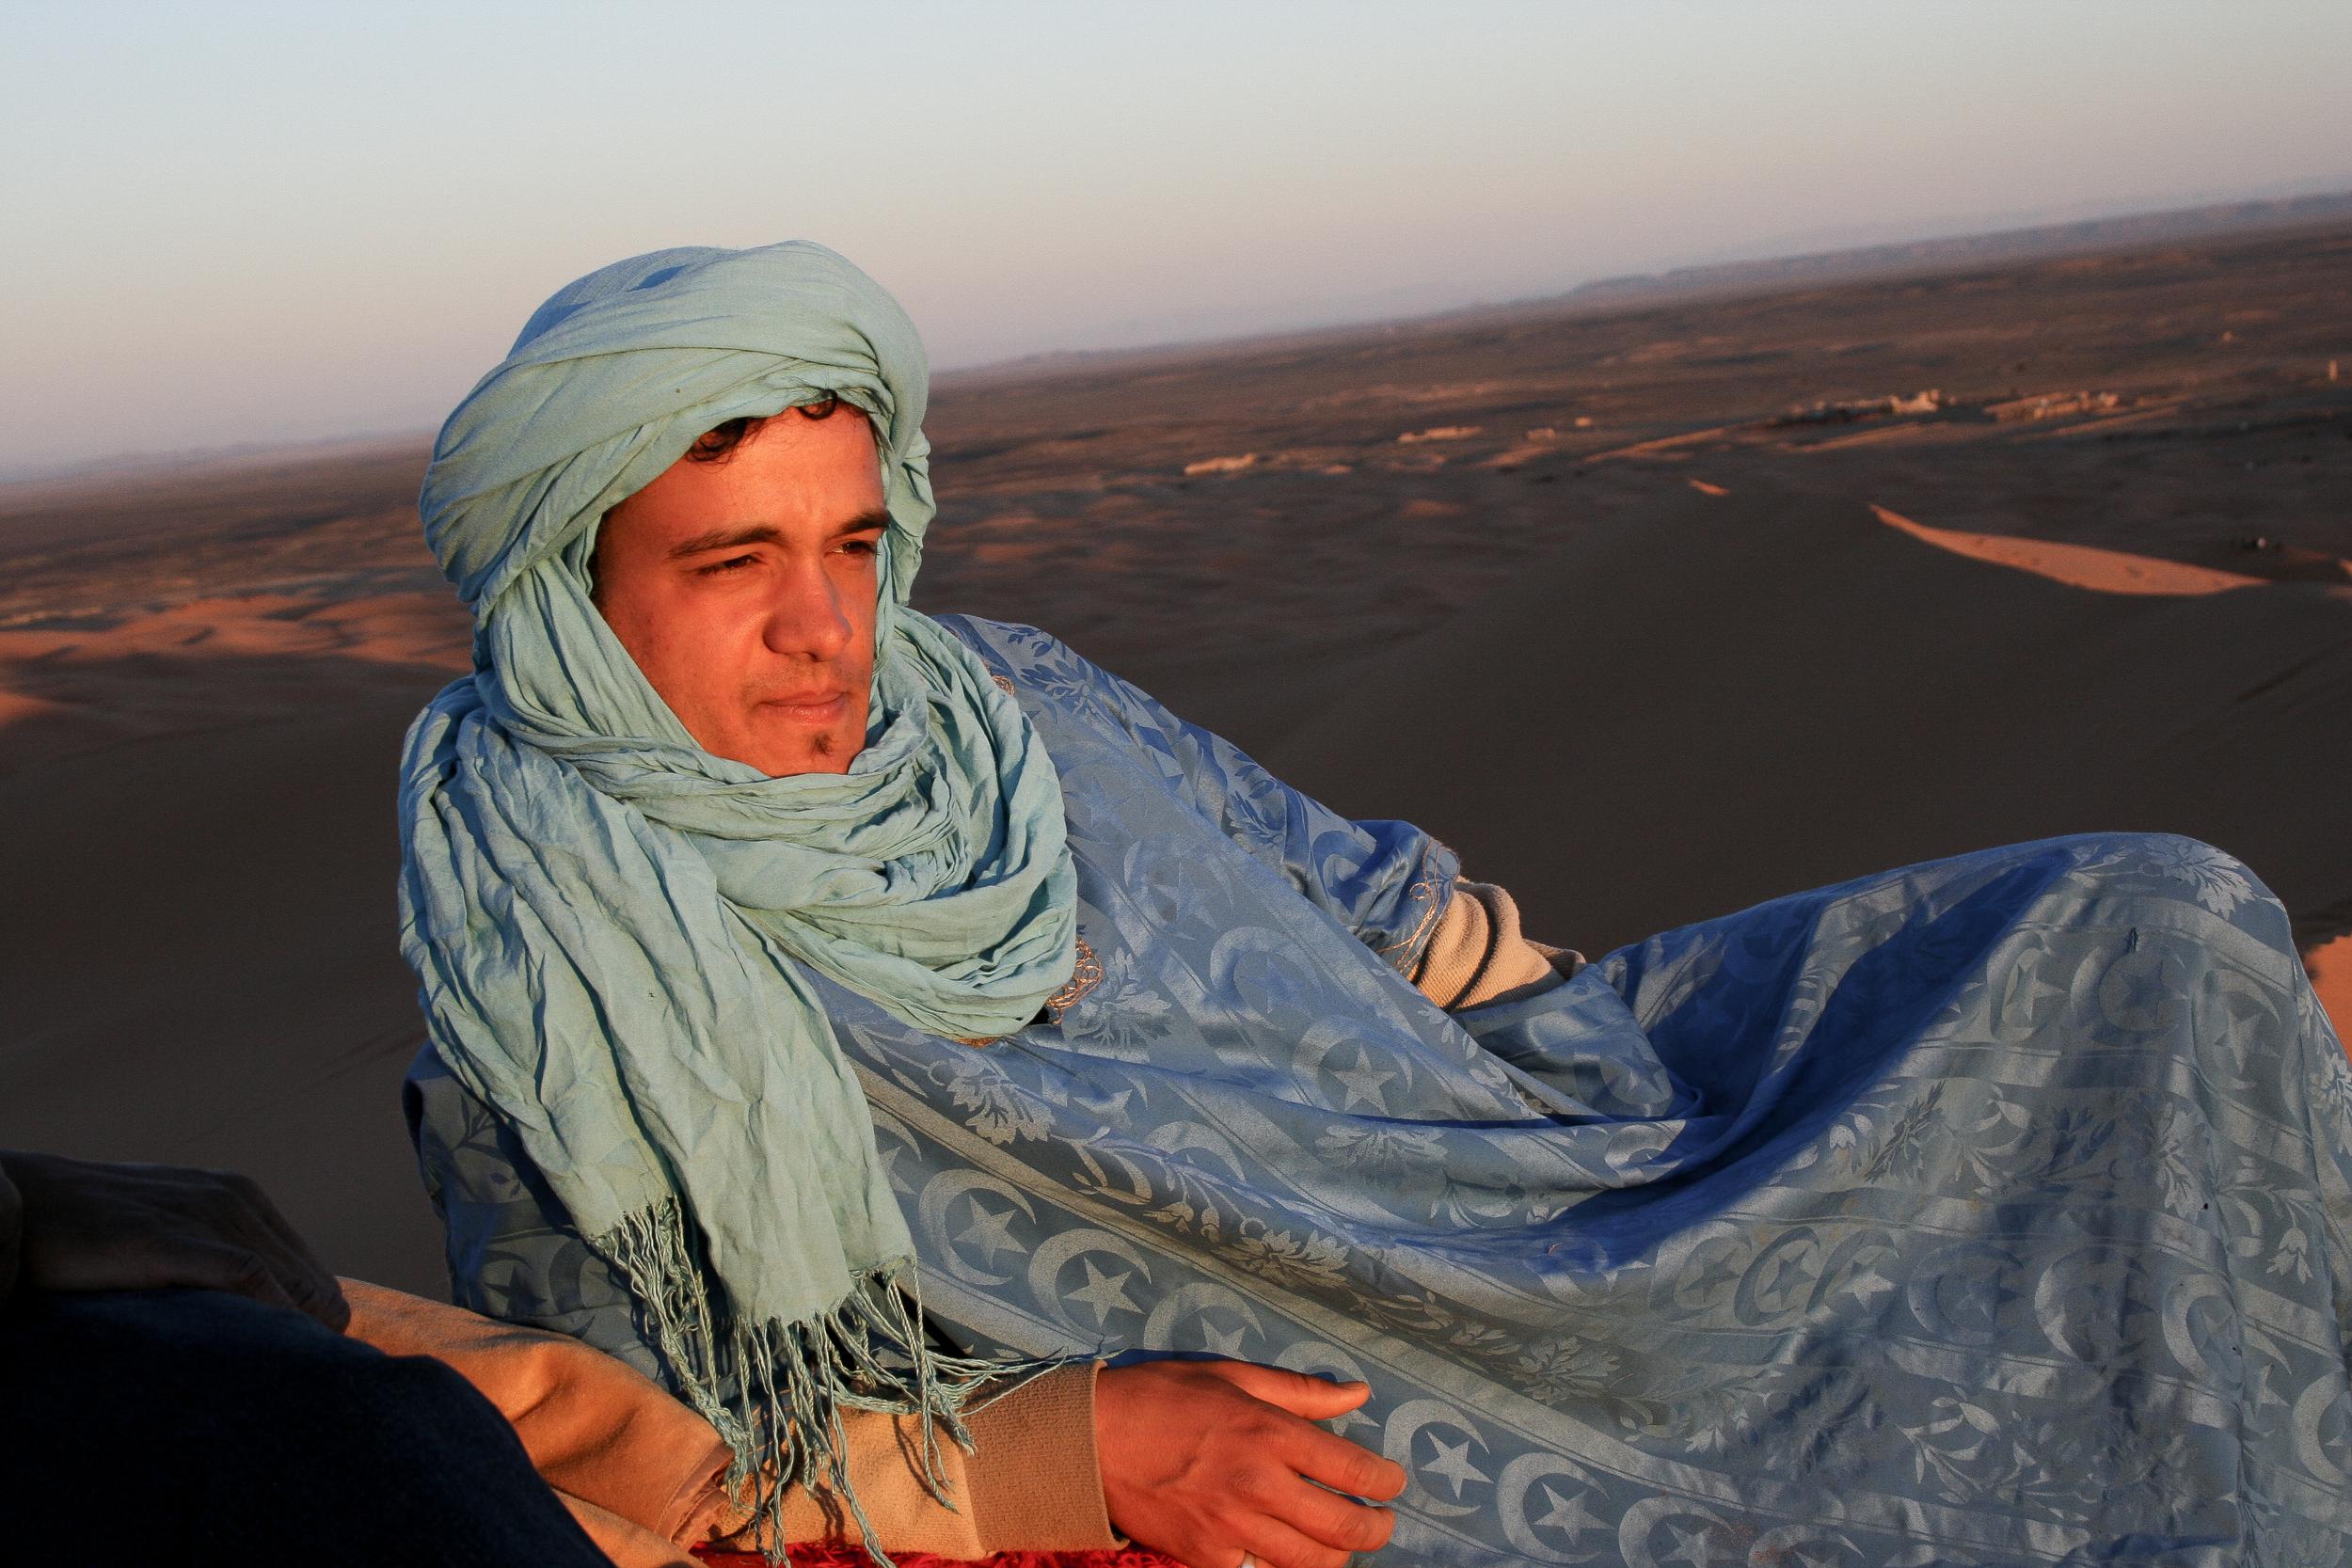 Sahara_desert_man.jpg